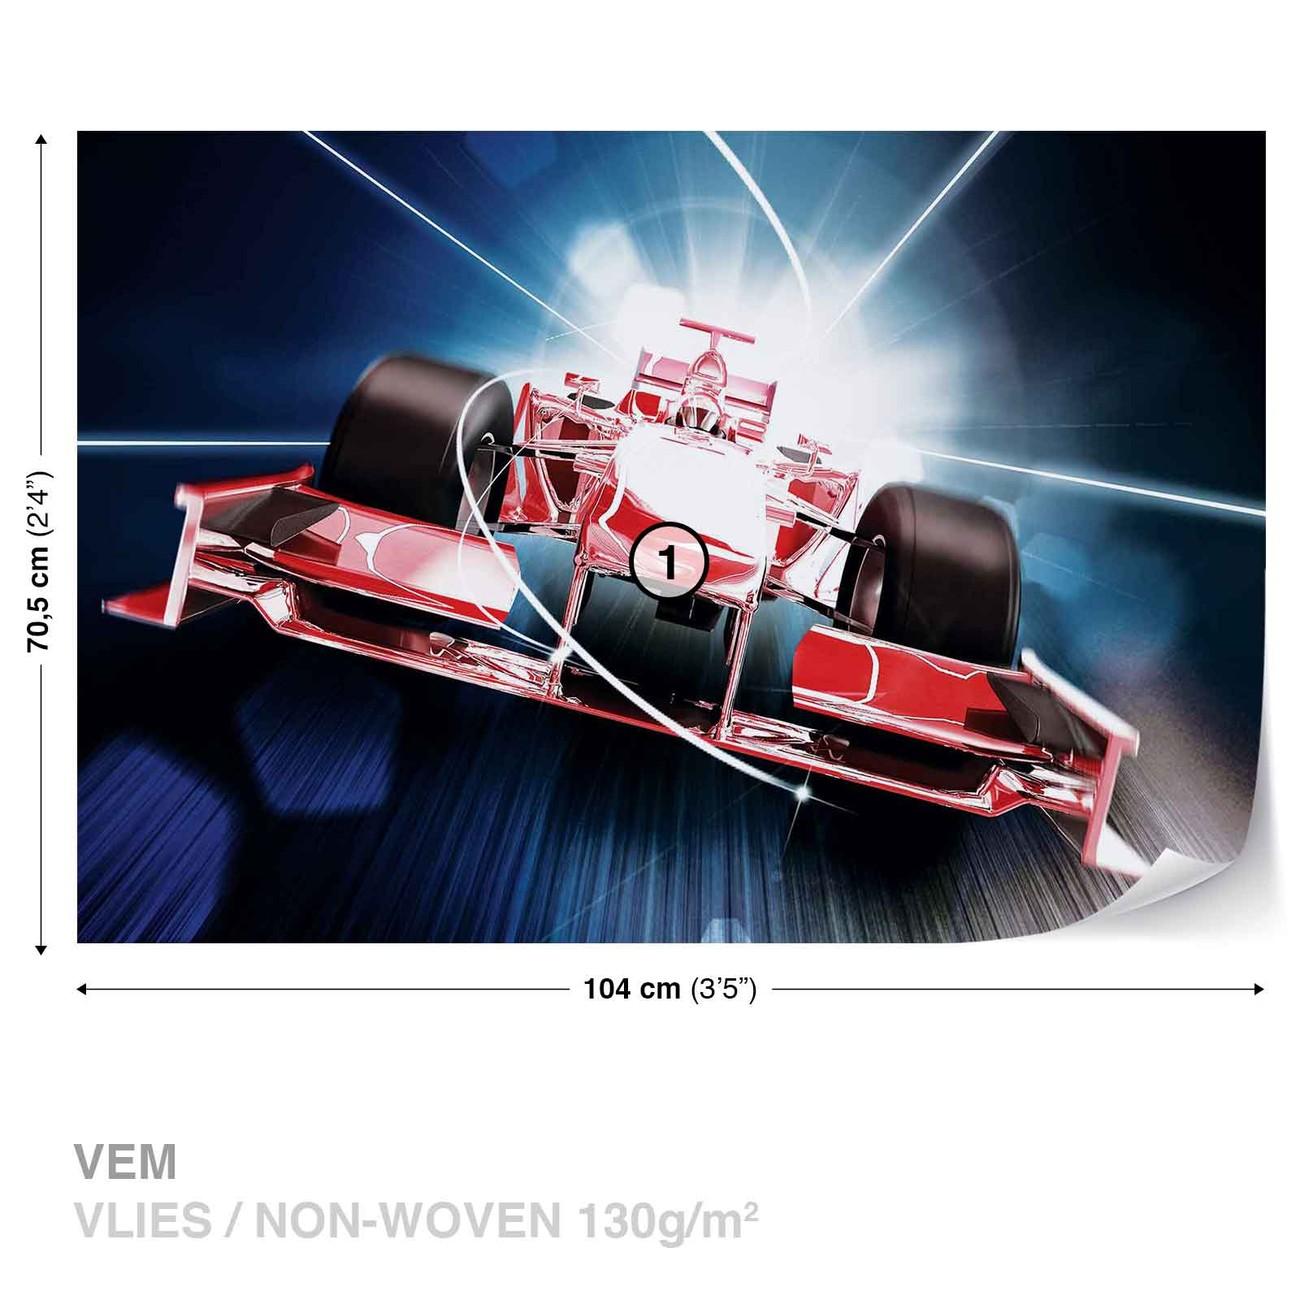 voiture formule 1 rouge poster mural papier peint acheter le sur. Black Bedroom Furniture Sets. Home Design Ideas